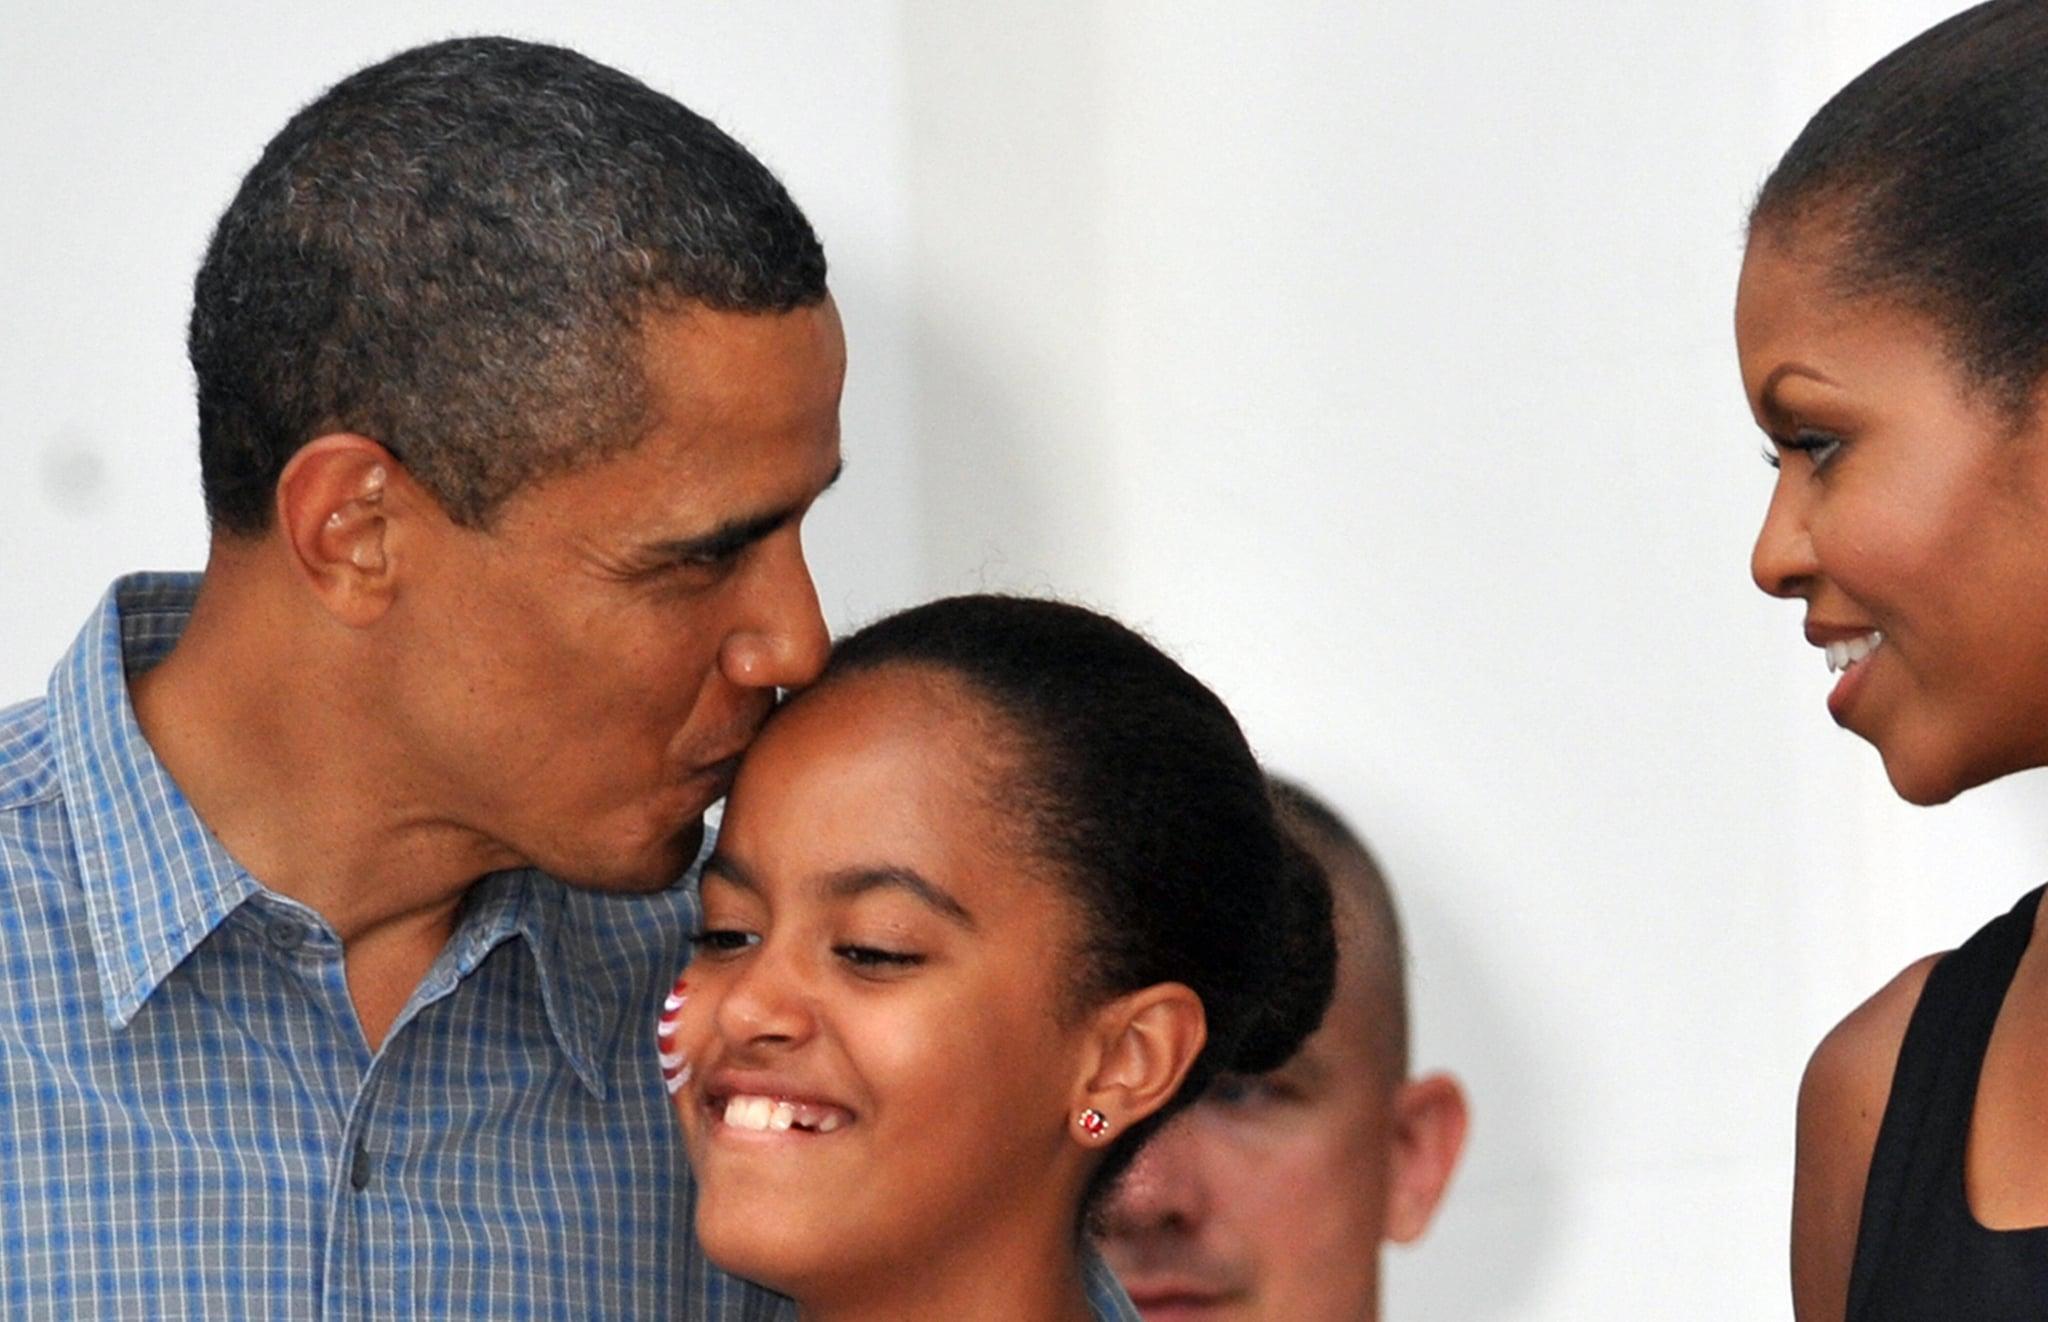 Barack gave Malia a sweet kiss on her birthday in 2009.